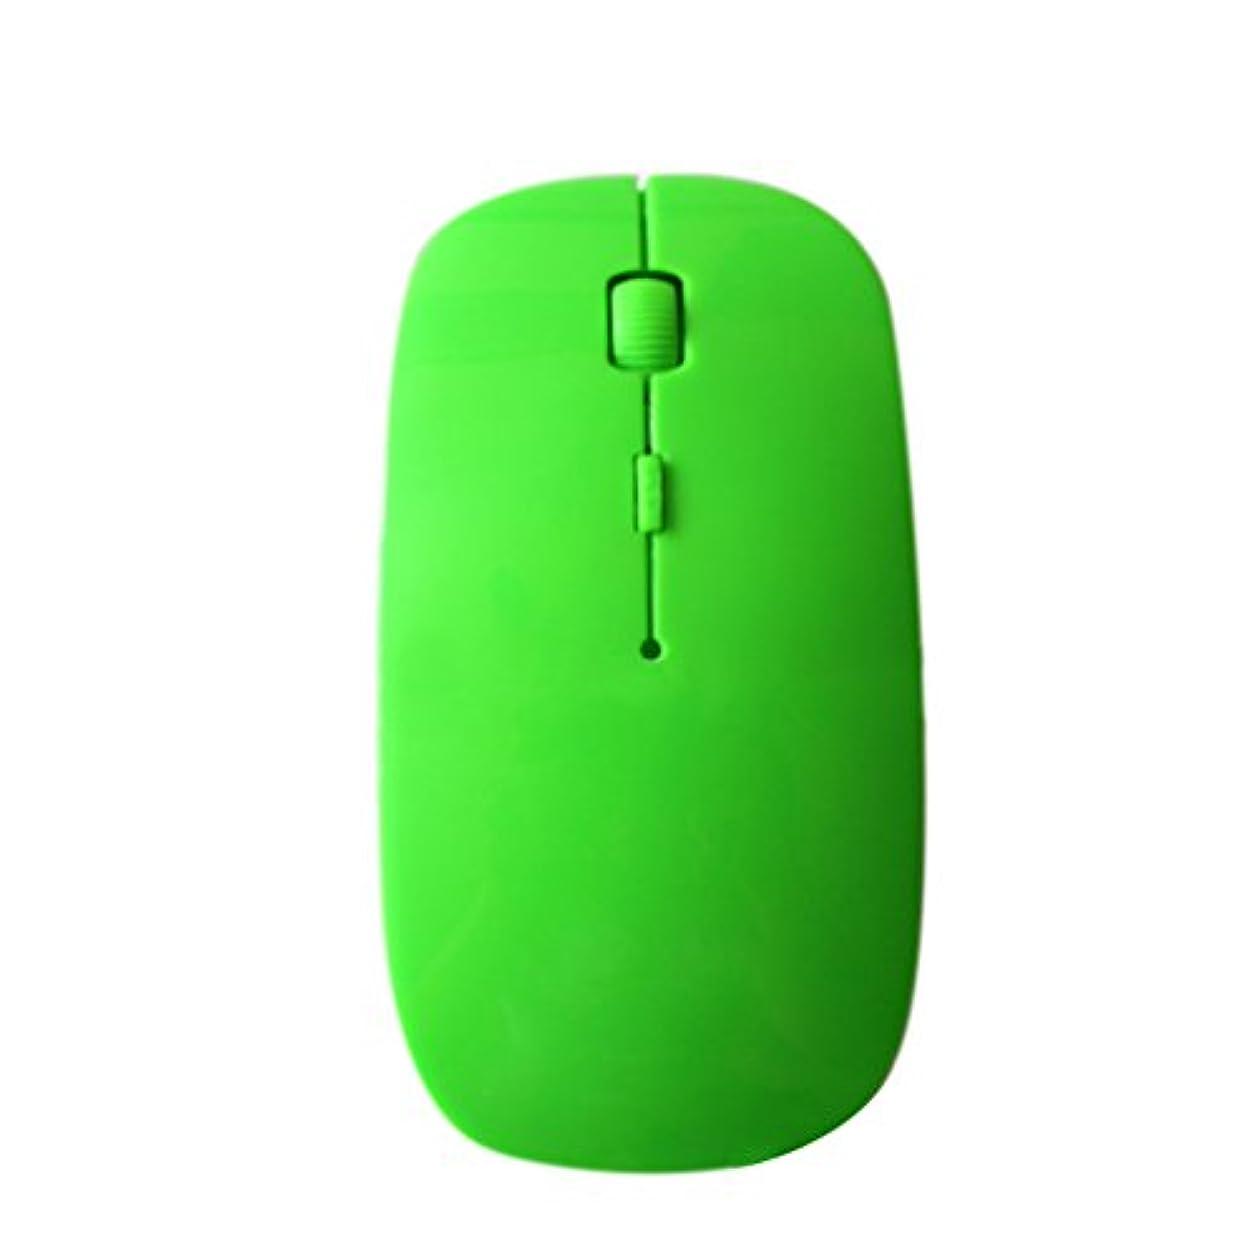 テロ式名前を作るYimoer マウス ゲーミング 日常 オフィス 新しい2.4GHzの超薄型ワイヤレス光学式マウス1200DPI USB PCのラップトップコンピュータのゲーミングマウスギフト